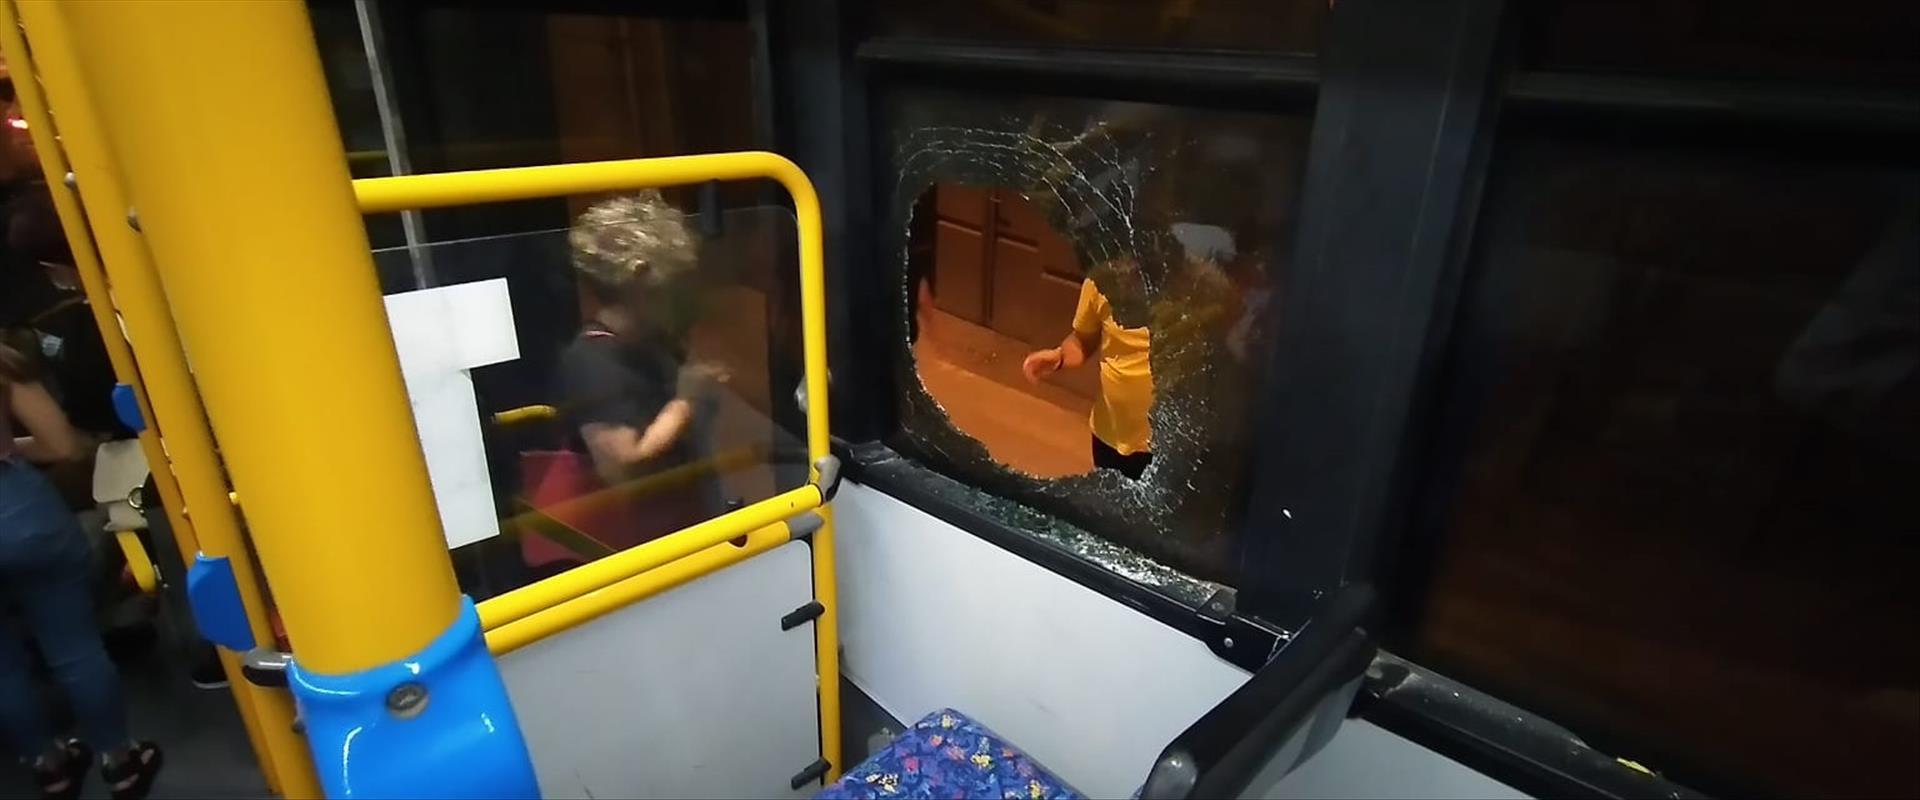 פגיעה באוטובוס למעלה אדומים בחמישי האחרון